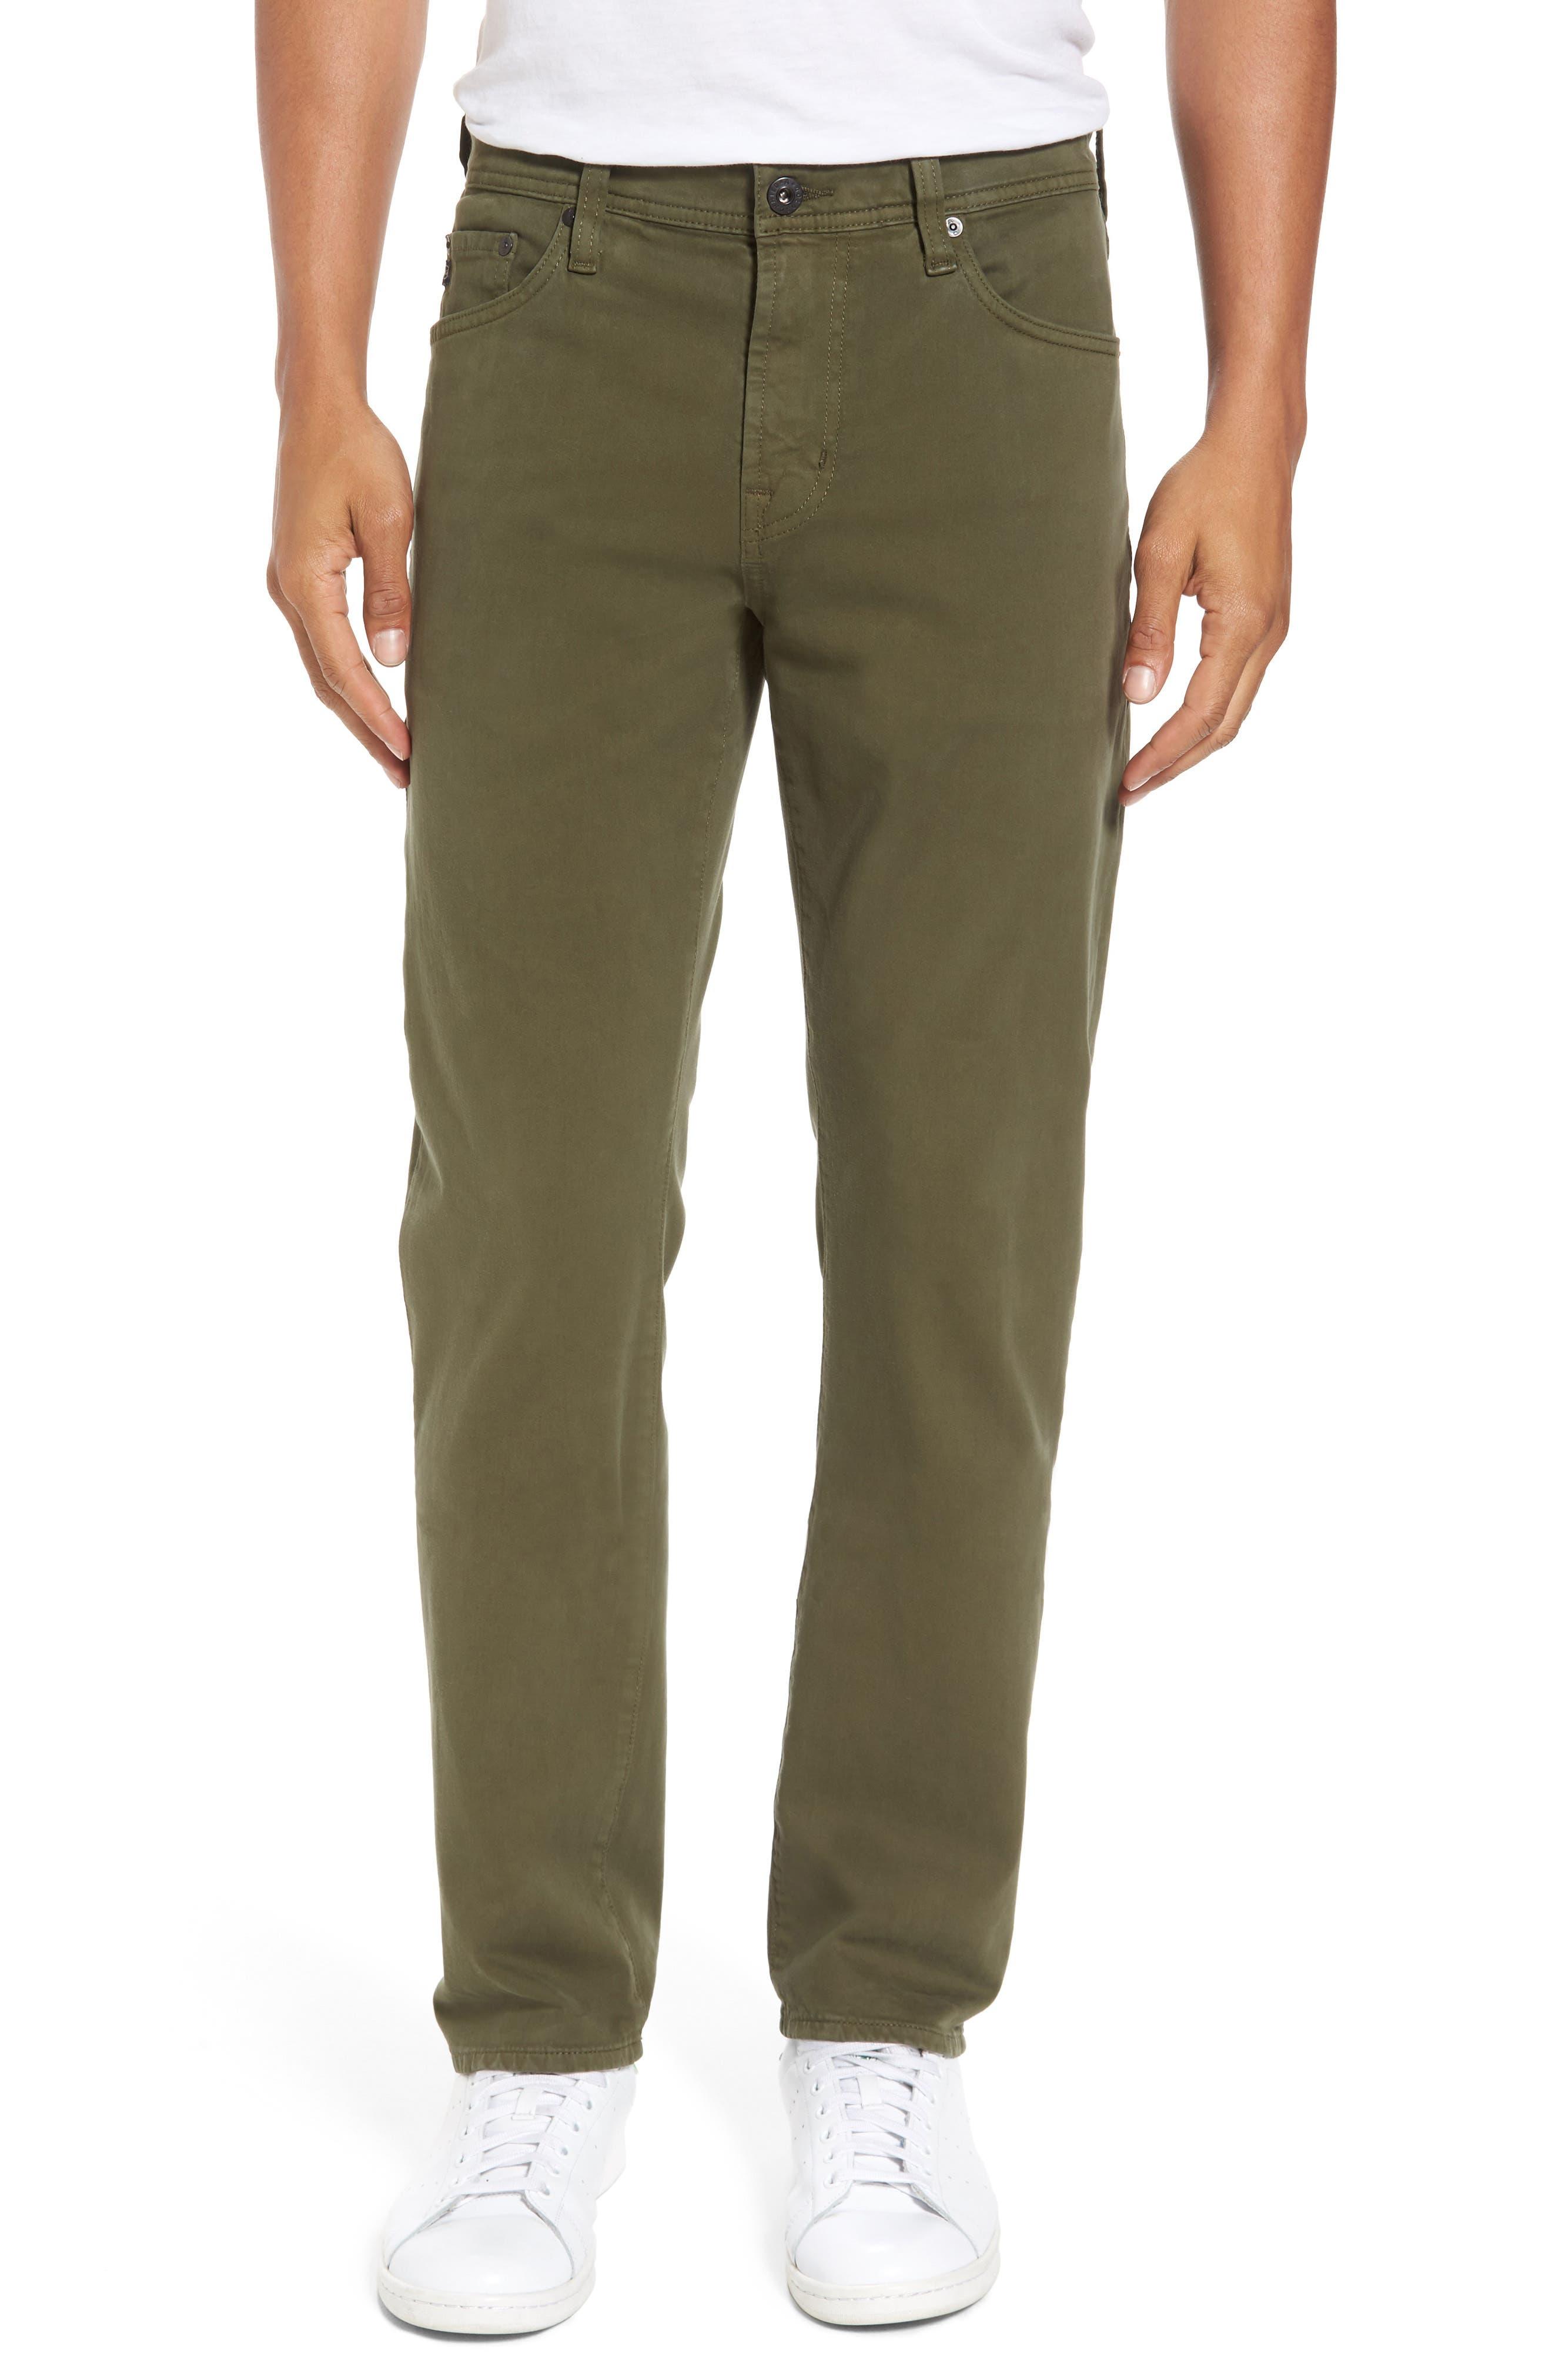 Alternate Image 1 Selected - AG Everett SUD Slim Straight Fit Pants